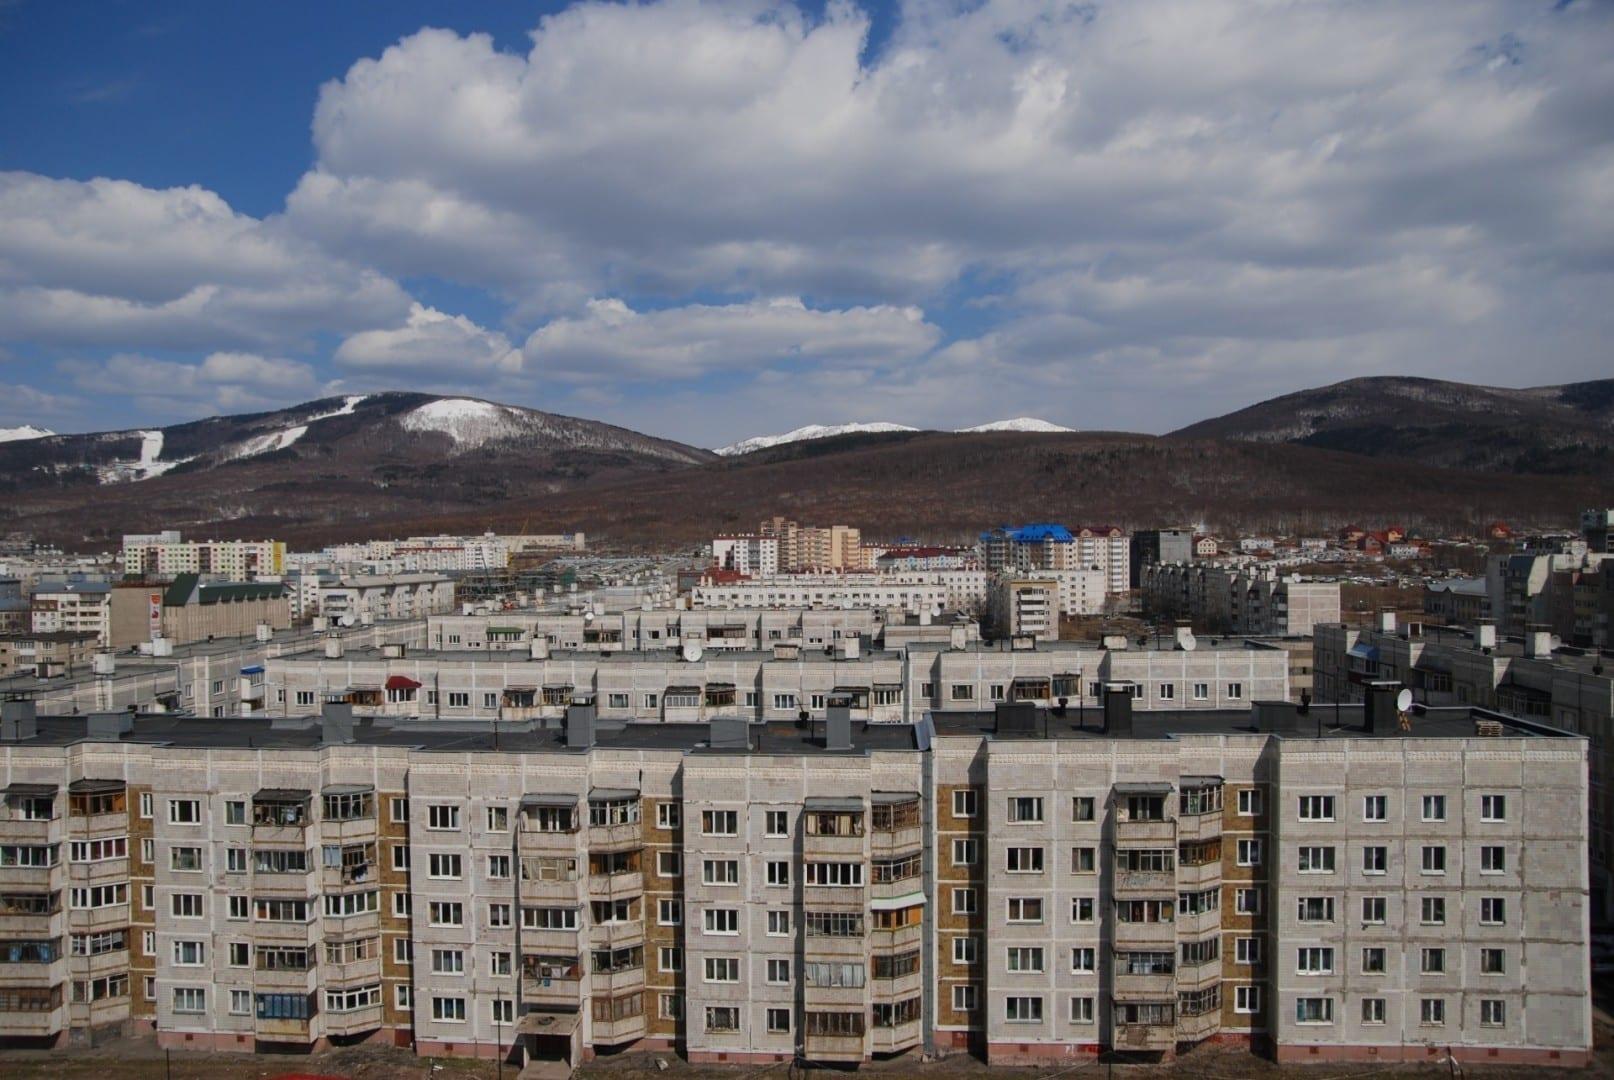 El paisaje típico de Yuzhno-Sakhalinsk: edificios de estilo soviético y montañas pintorescas Yuzhno-Sajalinsk Rusia